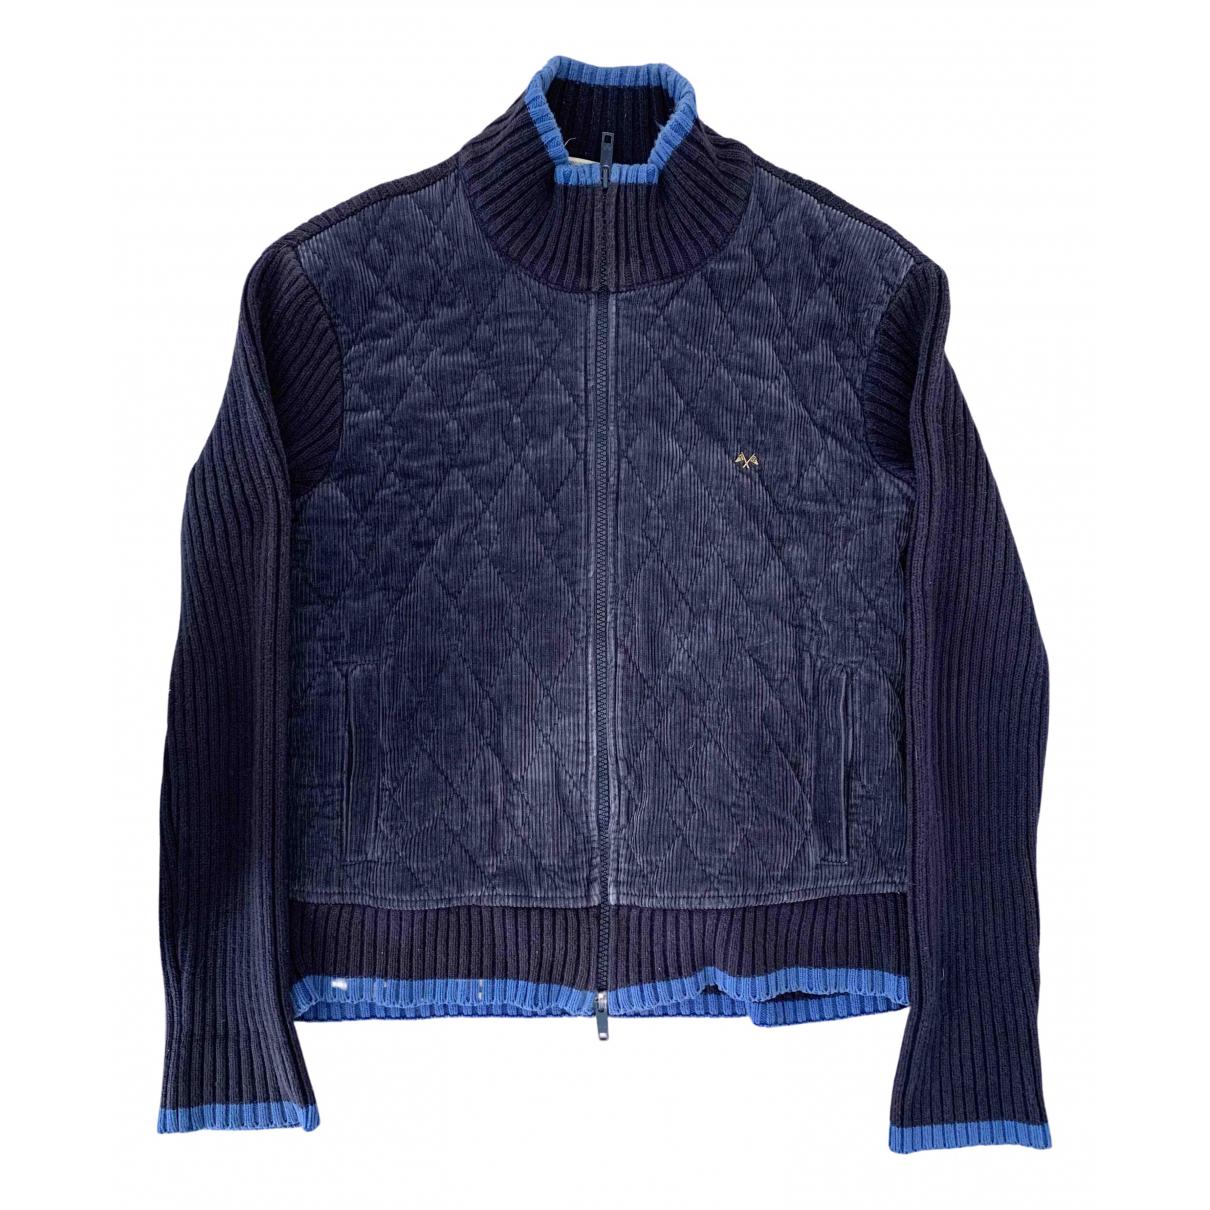 Burberry - Vestes.Blousons   pour homme en coton - bleu